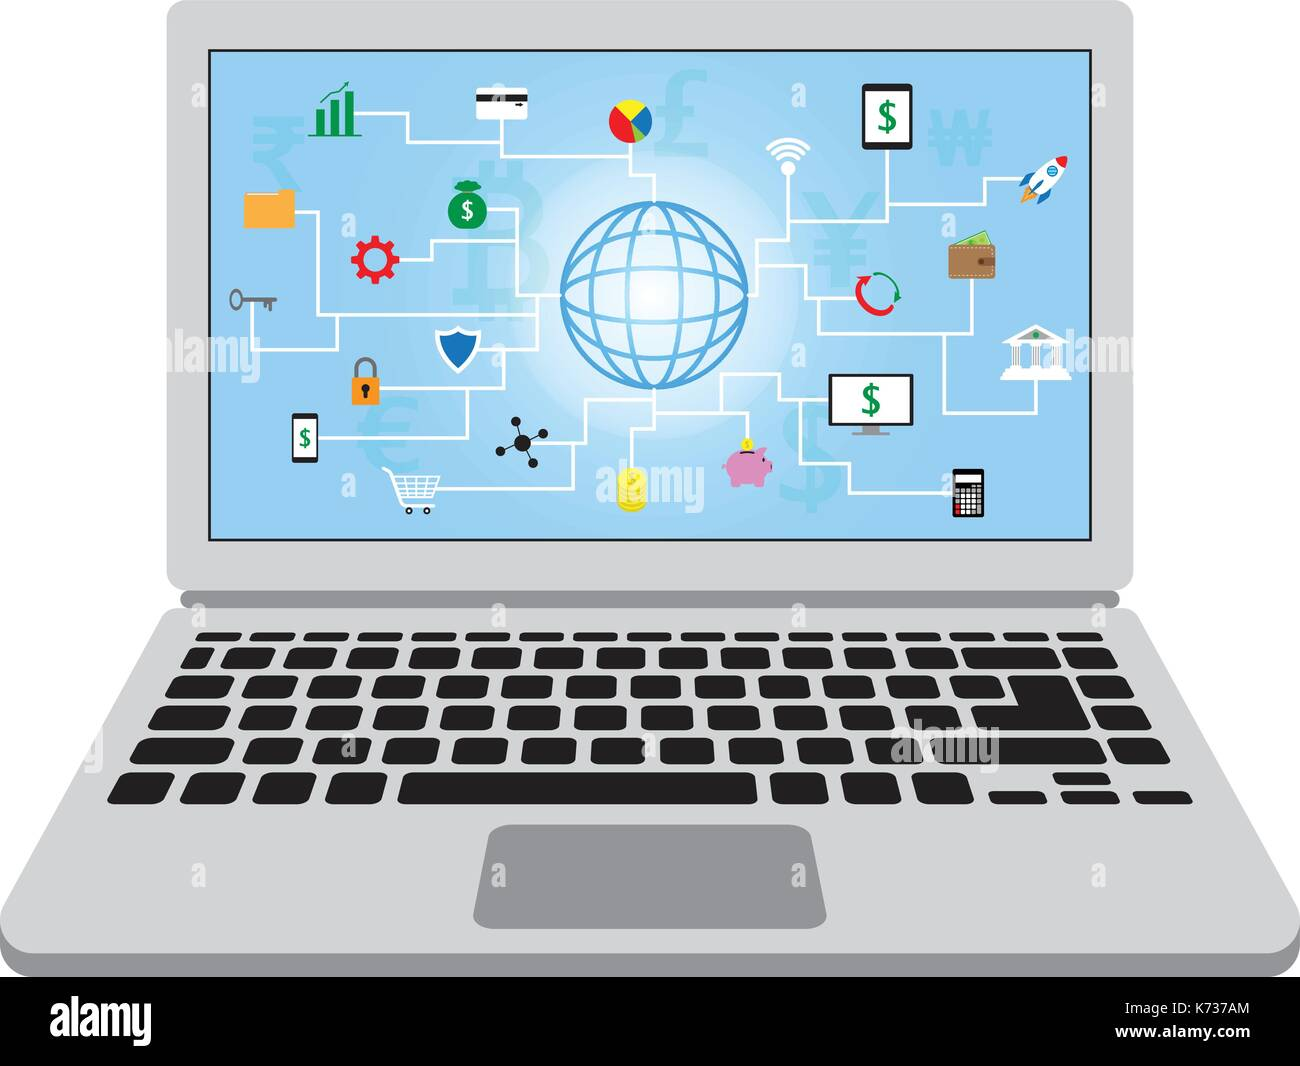 22 fintech Symbole rund um einen Globus mit blauen Hintergrund und mehrere Währungen in einem Laptop Bildschirm, die in der Technologie. Stockbild